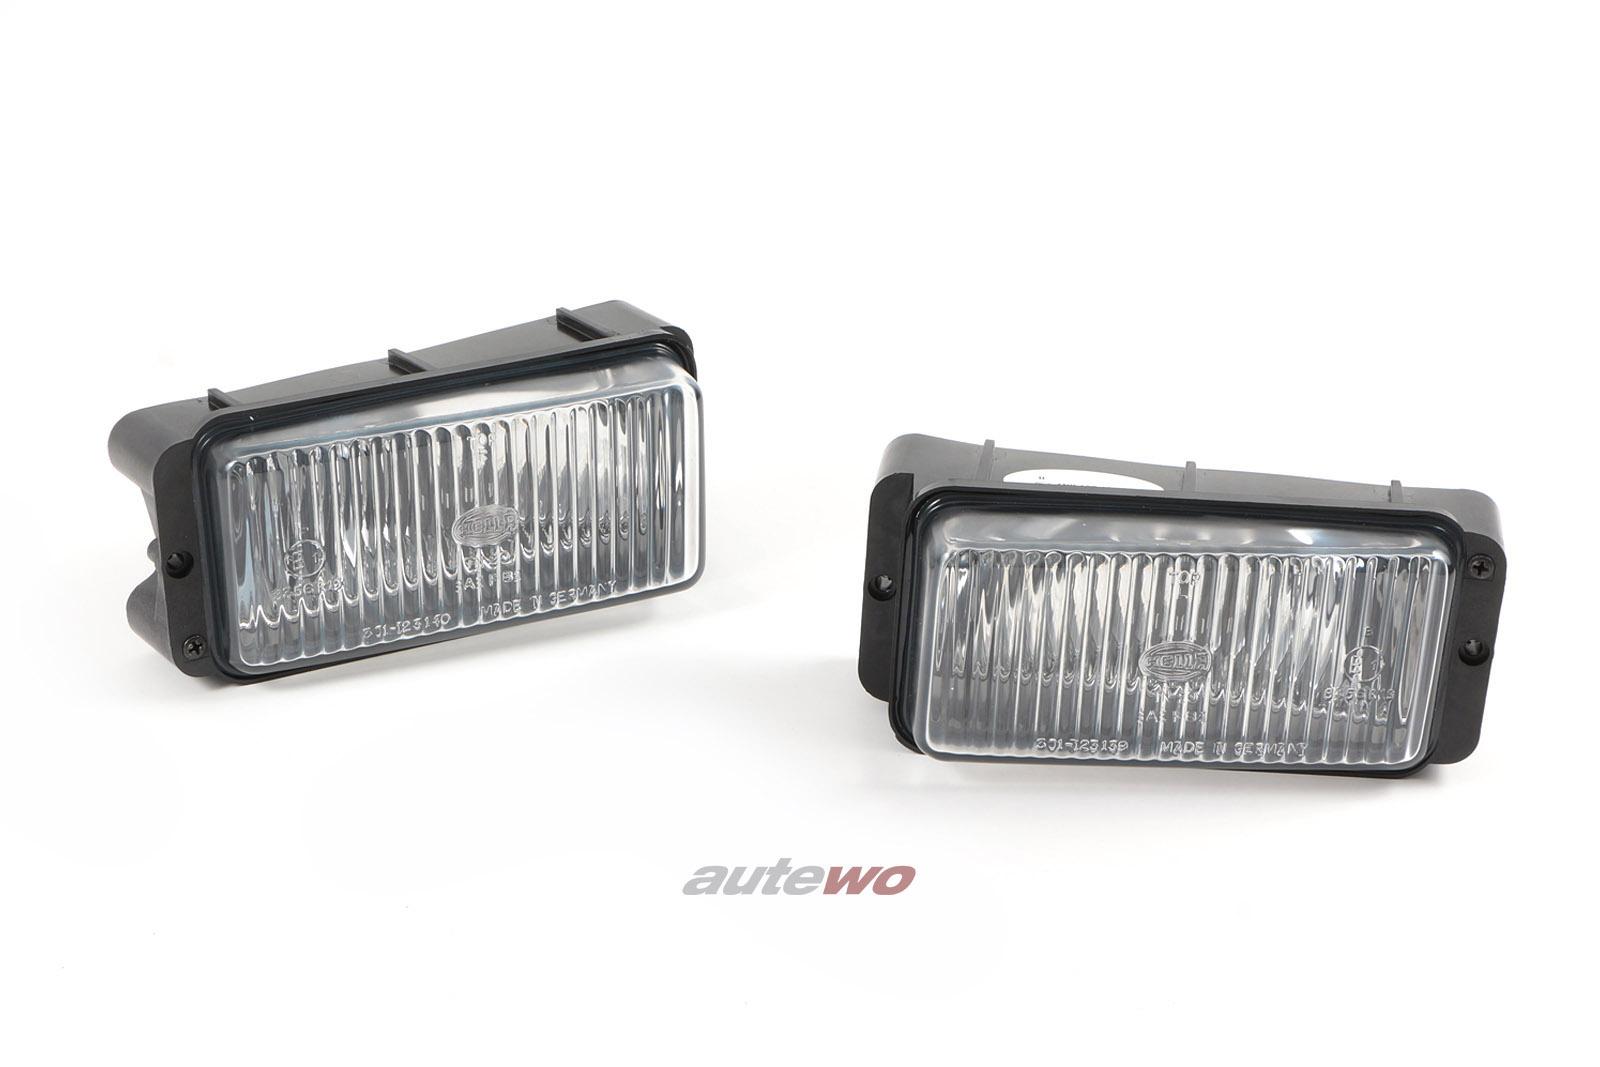 NEU Audi 100/200 43/Urquattro Nebelscheinwerfer entsprechen 437941723 & 43794172